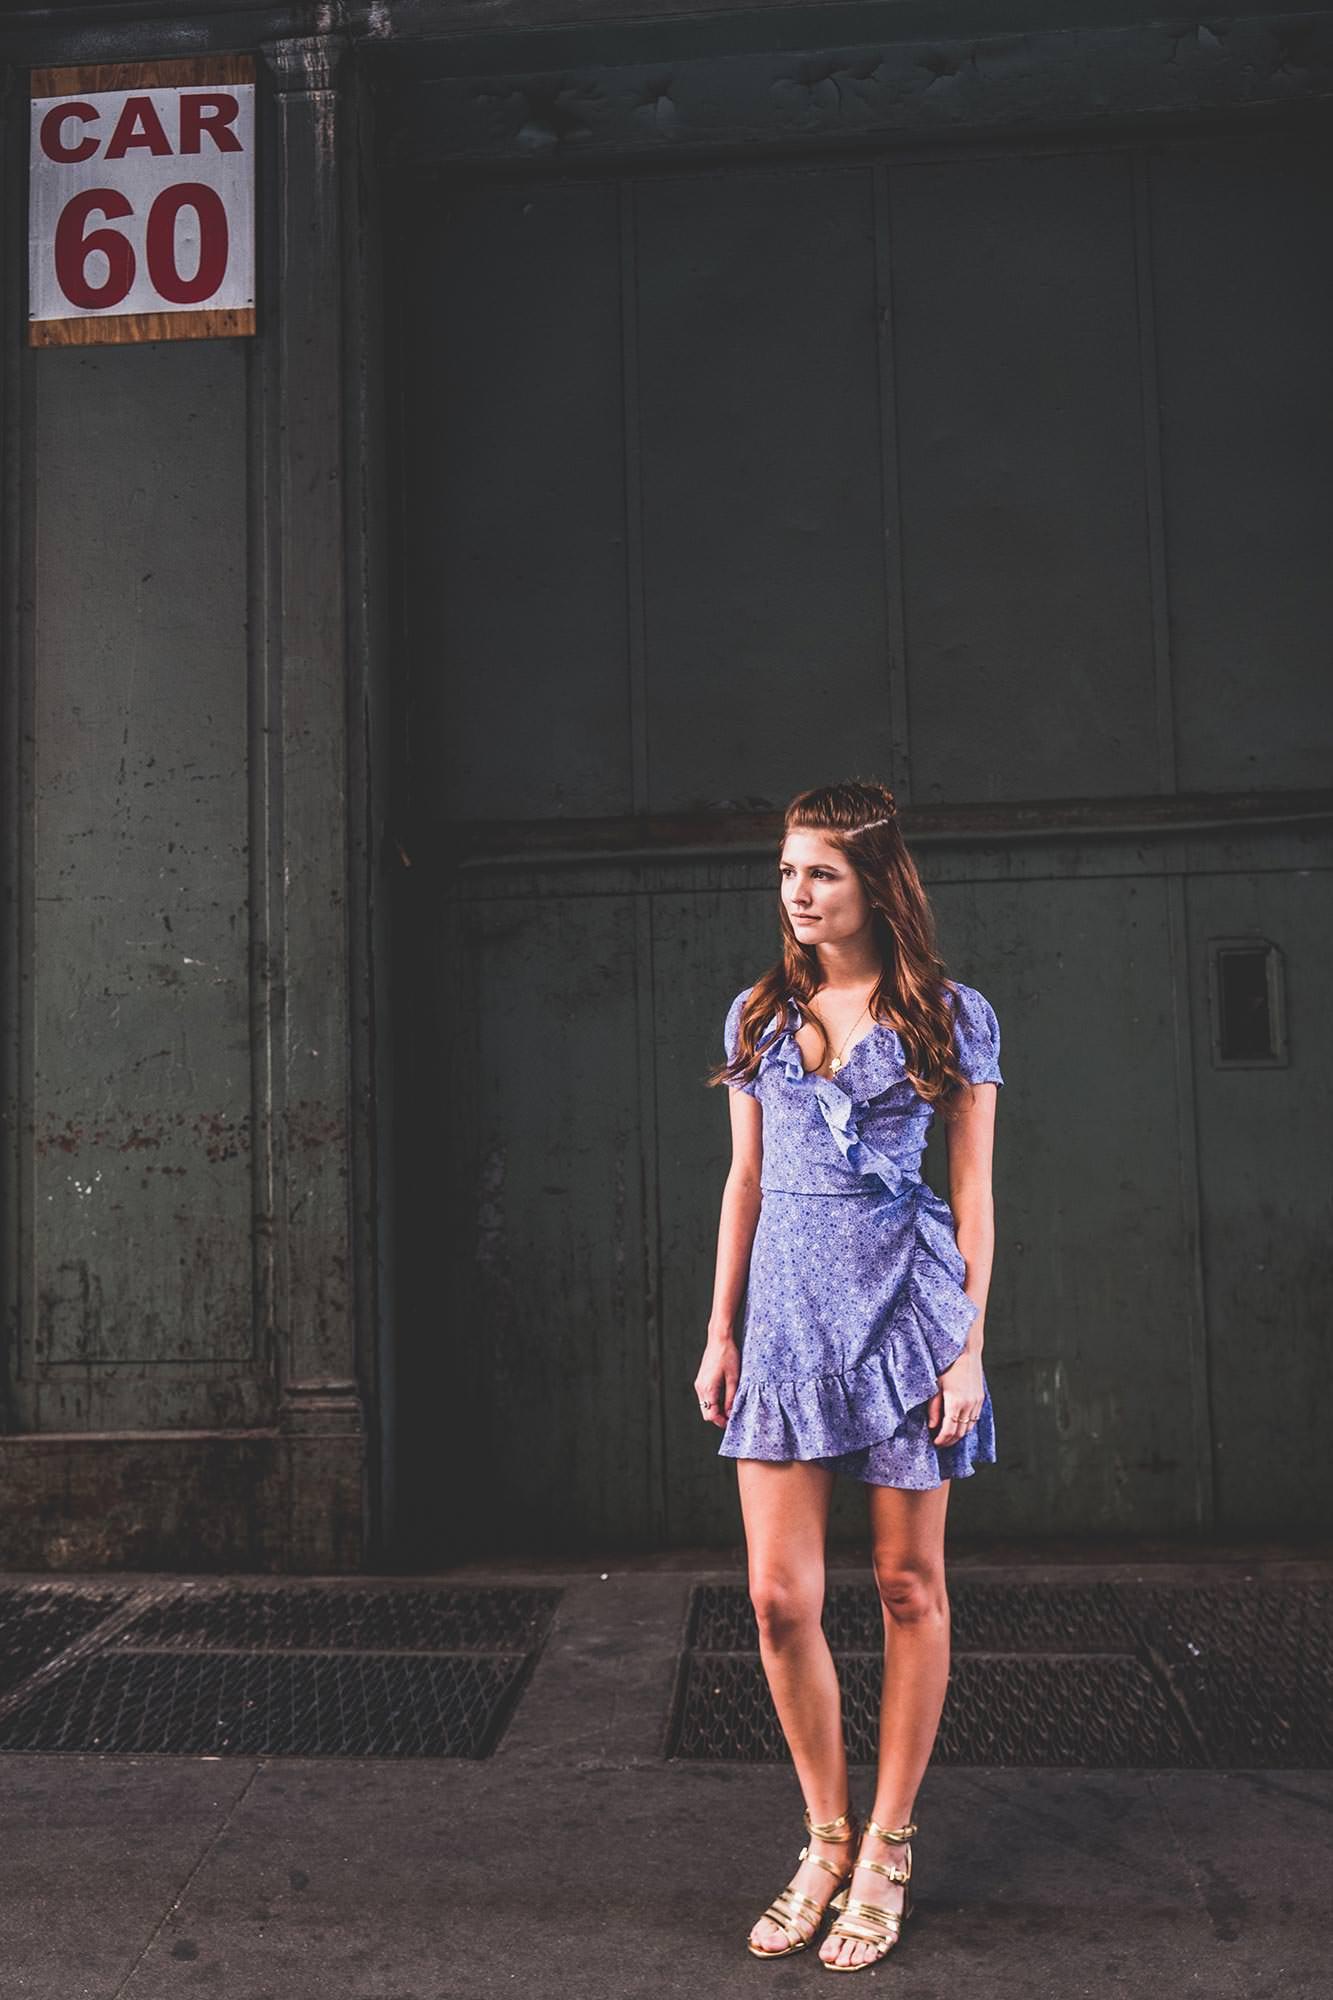 Model blue dress in New York